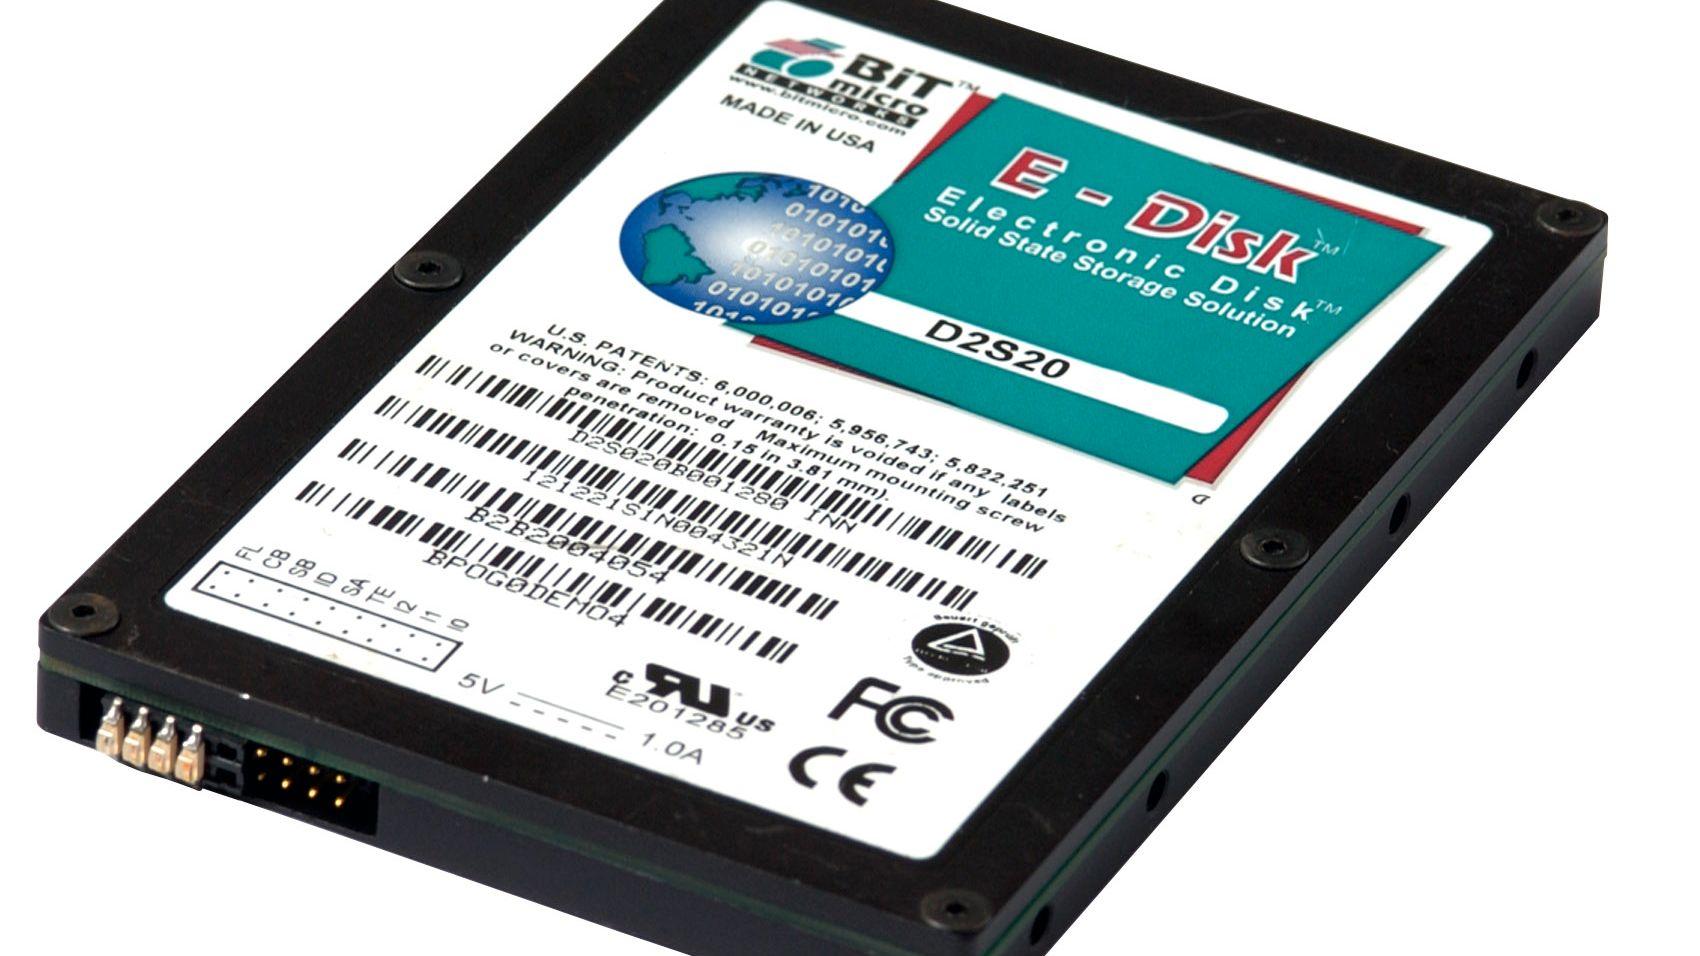 SSD av det voksne slaget